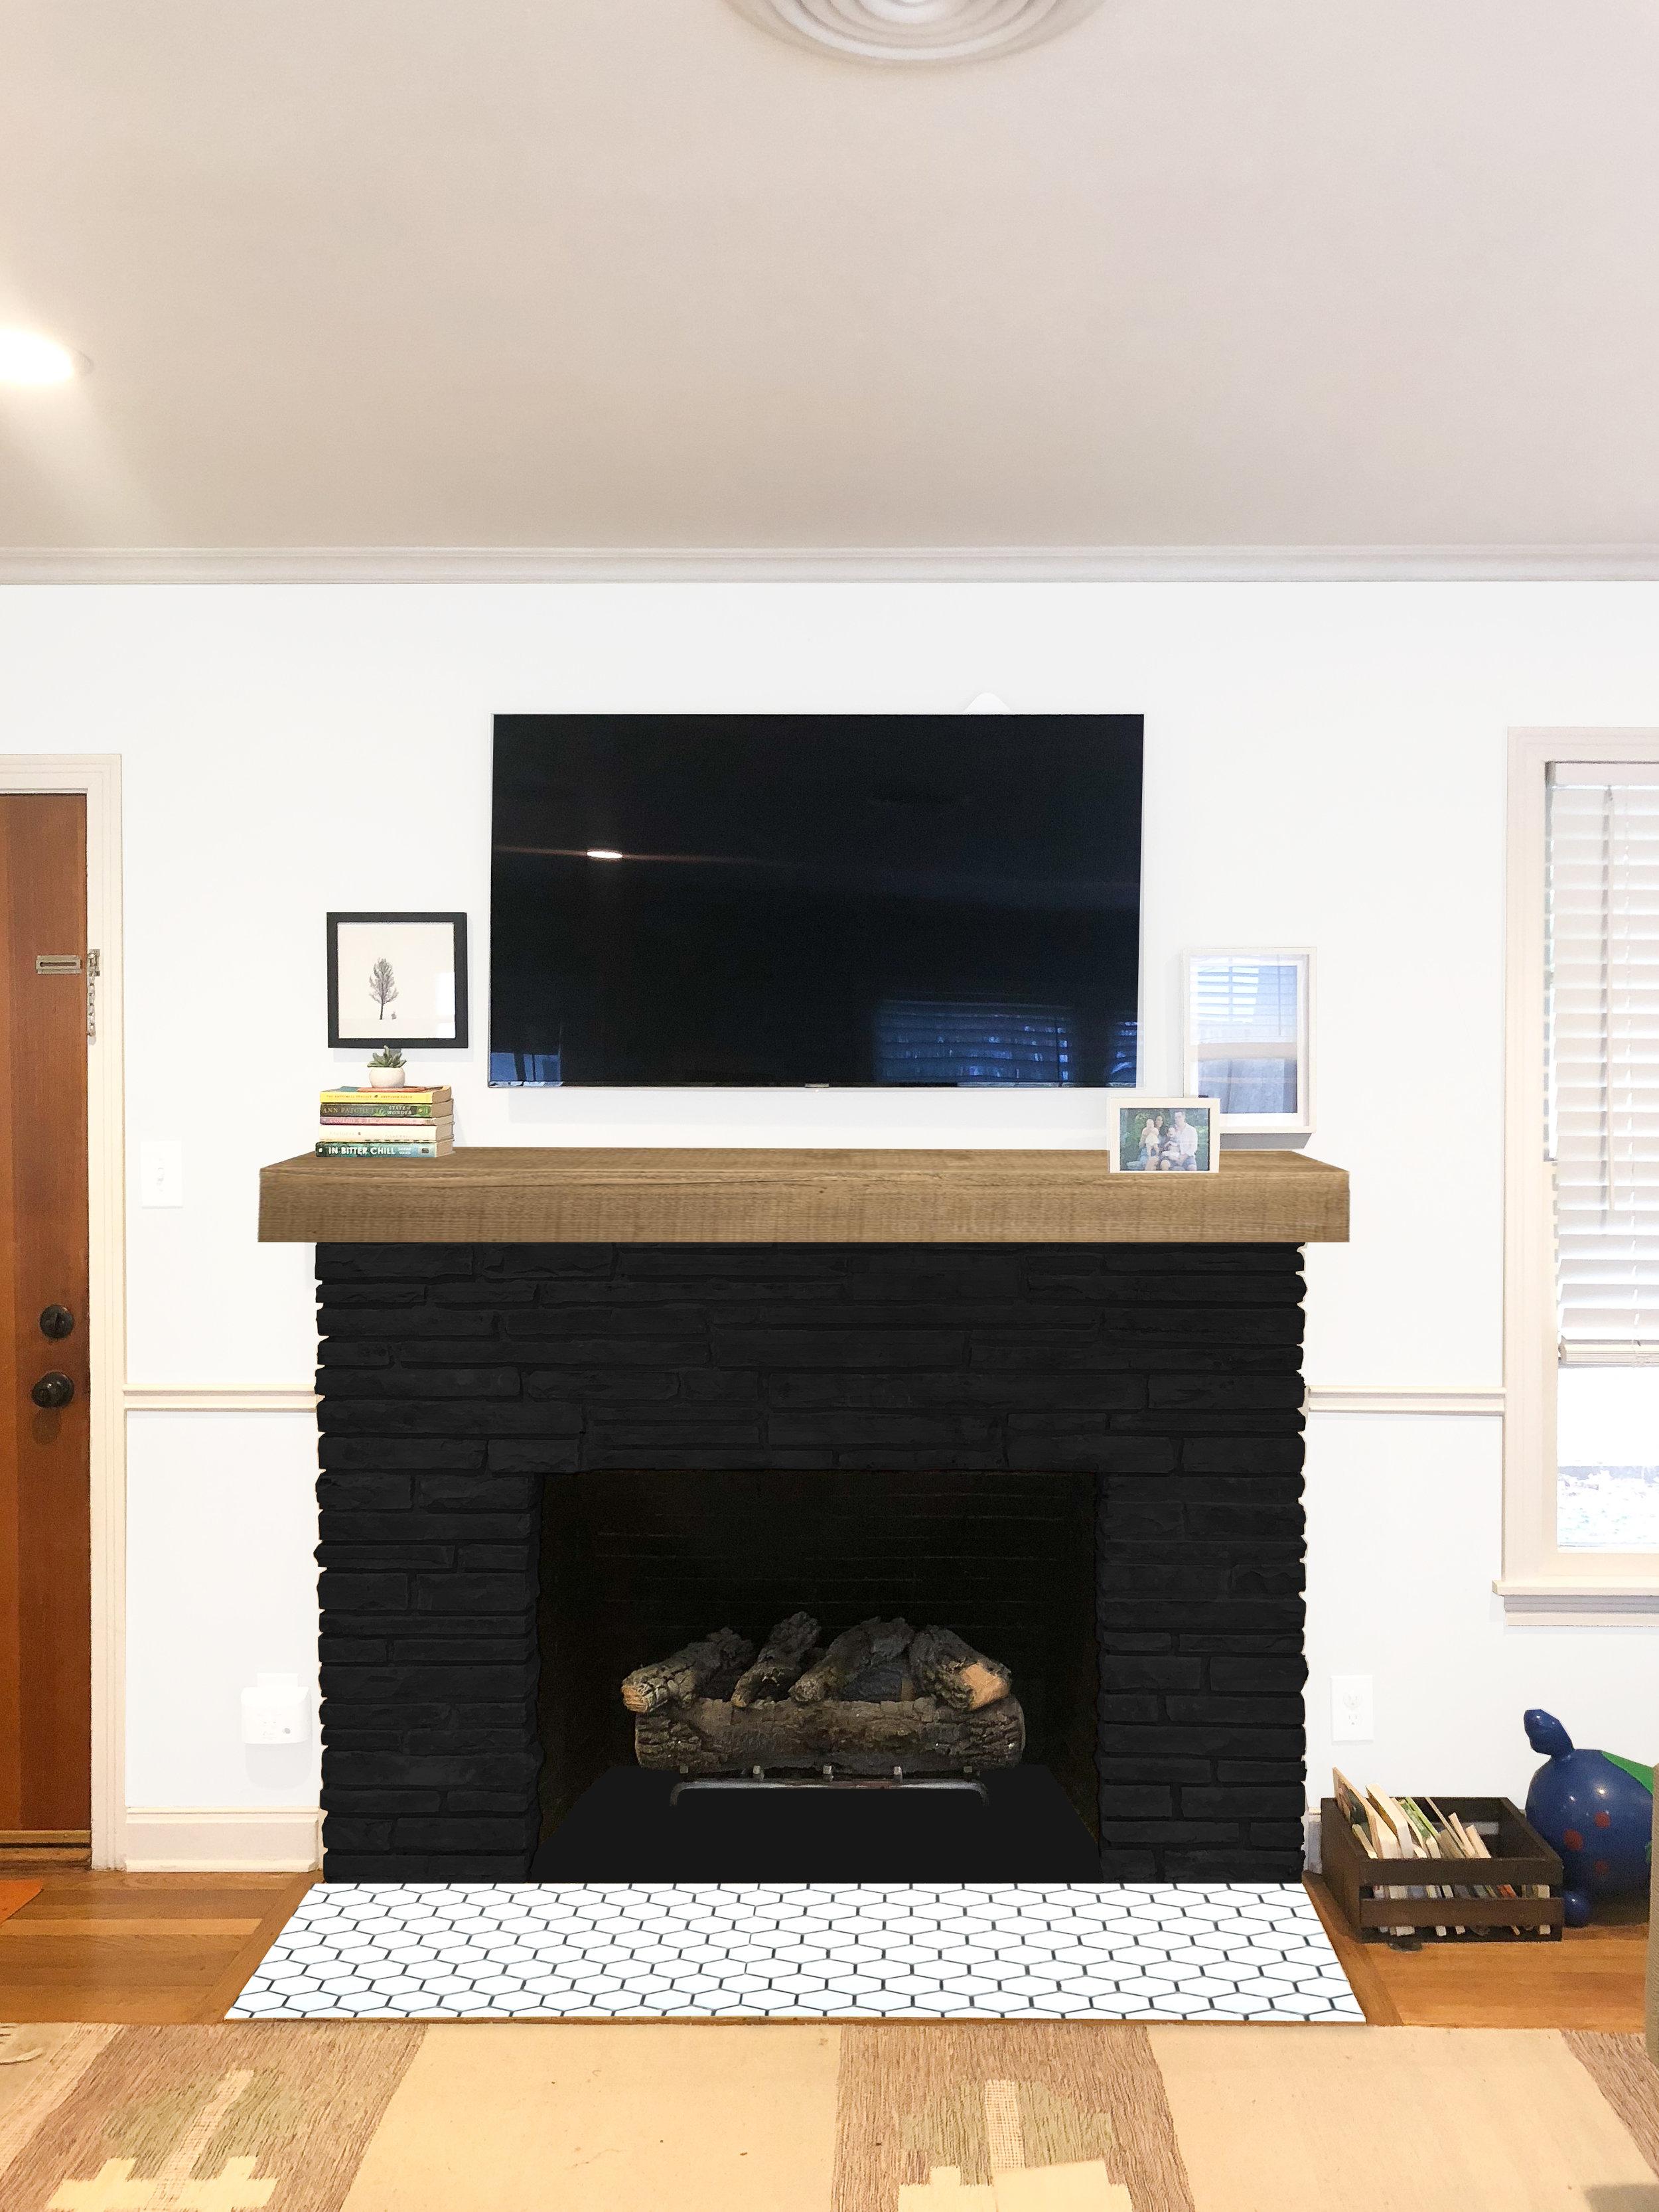 Love-Ding-Blog-Ask-Ding-Modern-Mantle-Fireplace-Design-Remodel.jpg